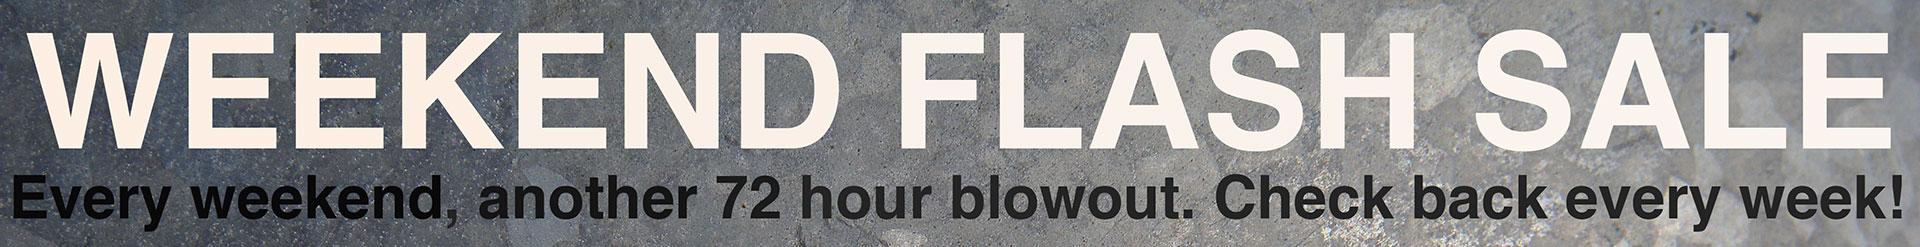 weekend-flash-sale-banner.jpg